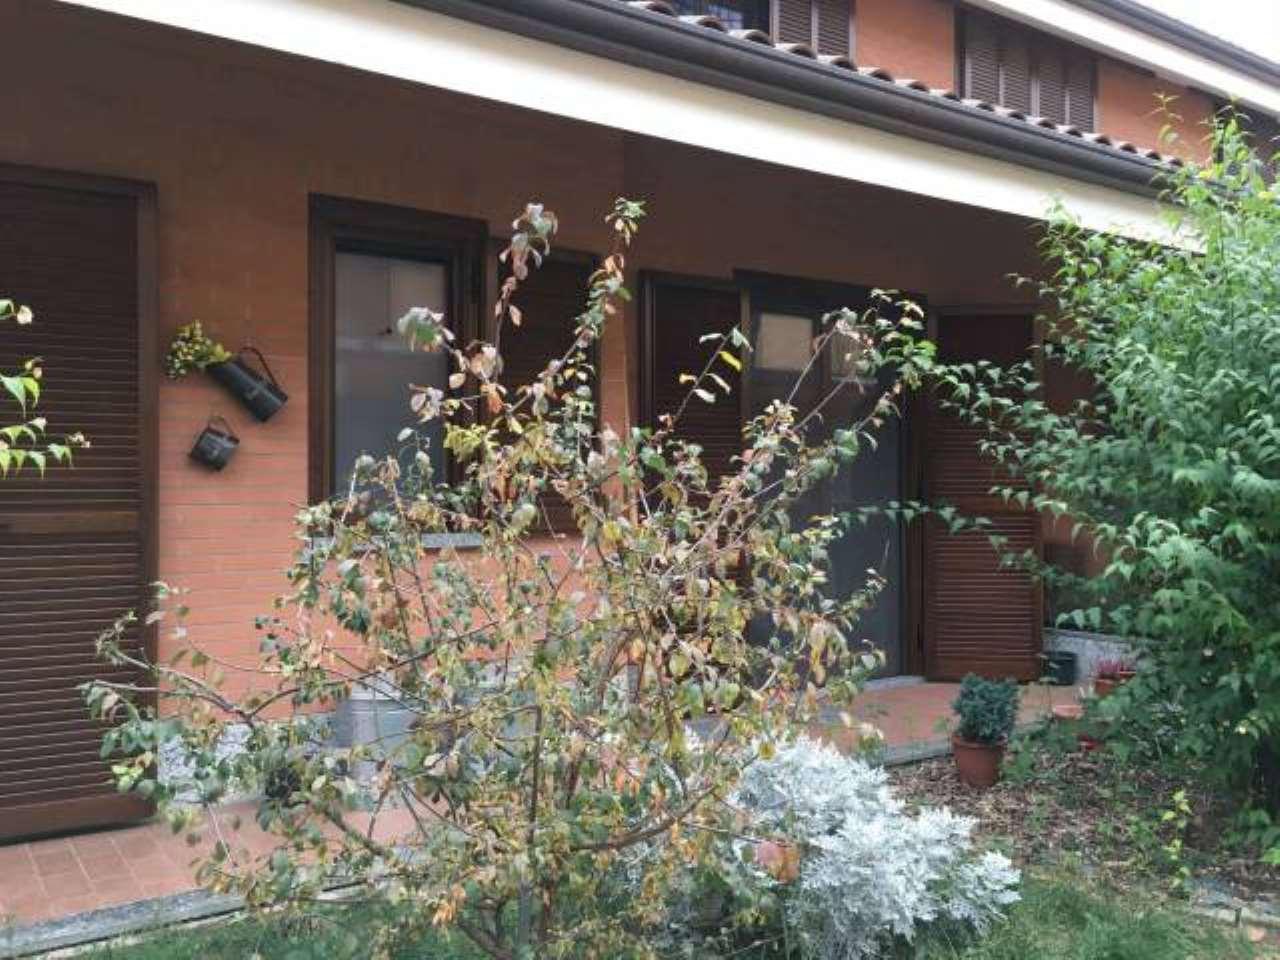 Villetta a Schiera in vendita indirizzo su richiesta Borgaro Torinese